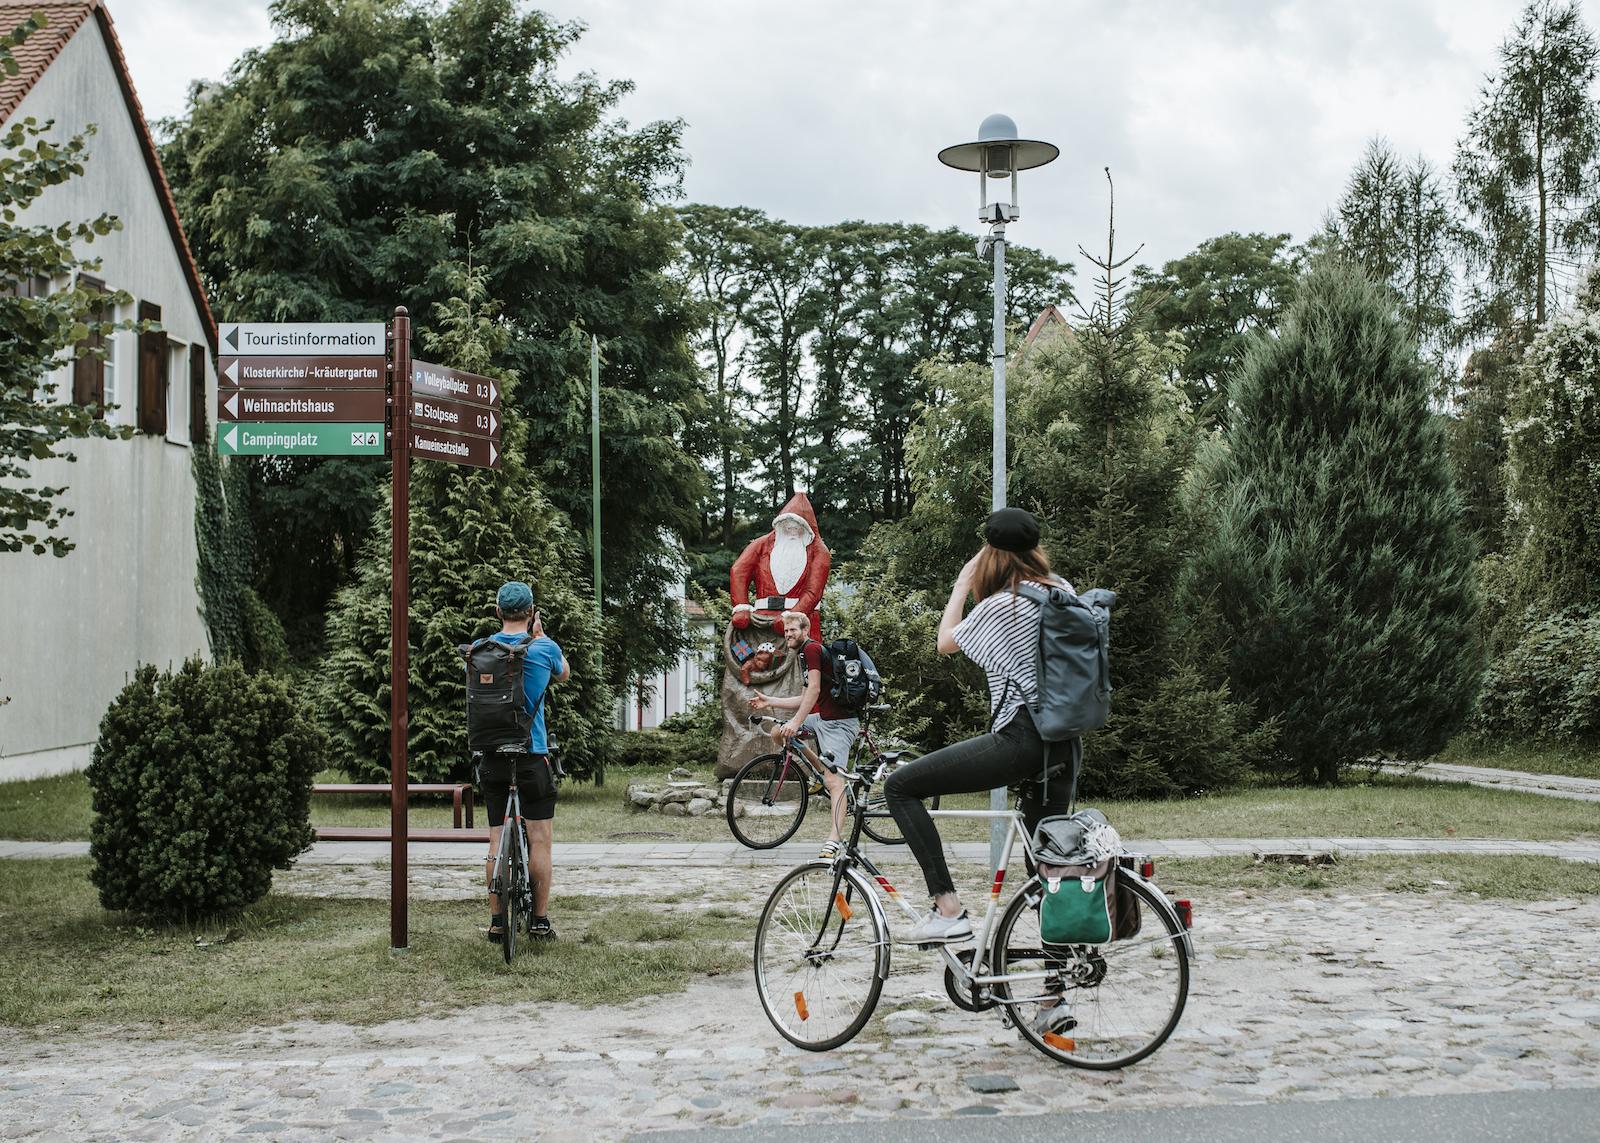 wecyclebrandenburg_(c)Madlen_Krippendorf_98_himmelpfort.jpg